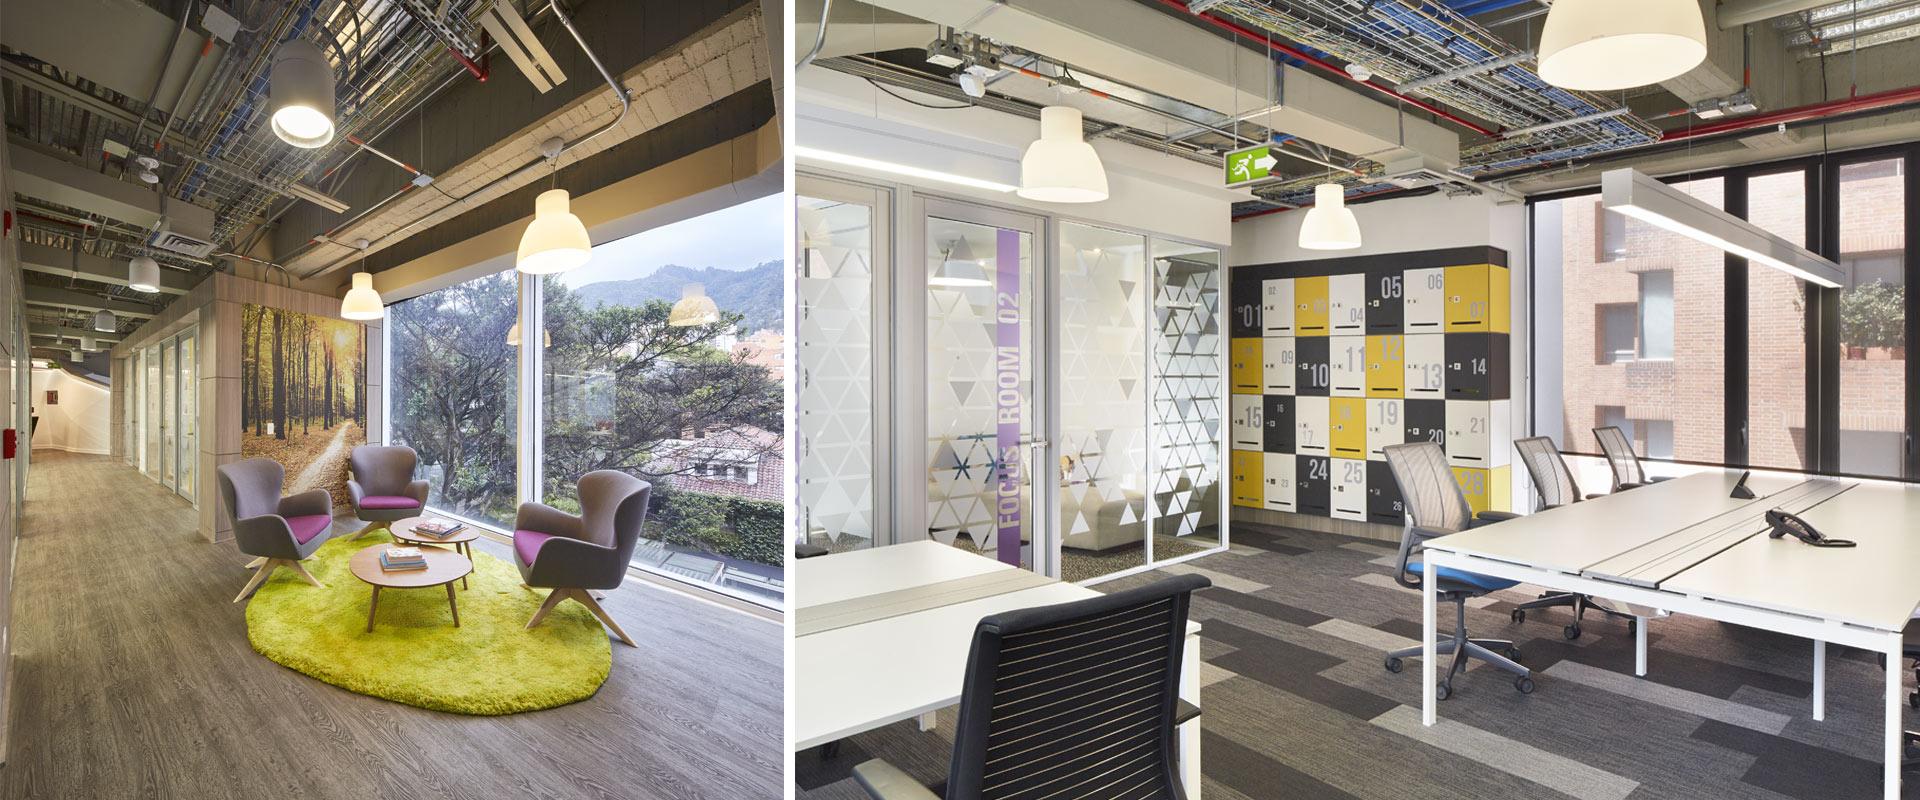 Oficinas jll colombia rodrigo samper c a for Oficinas de diseno y arquitectura